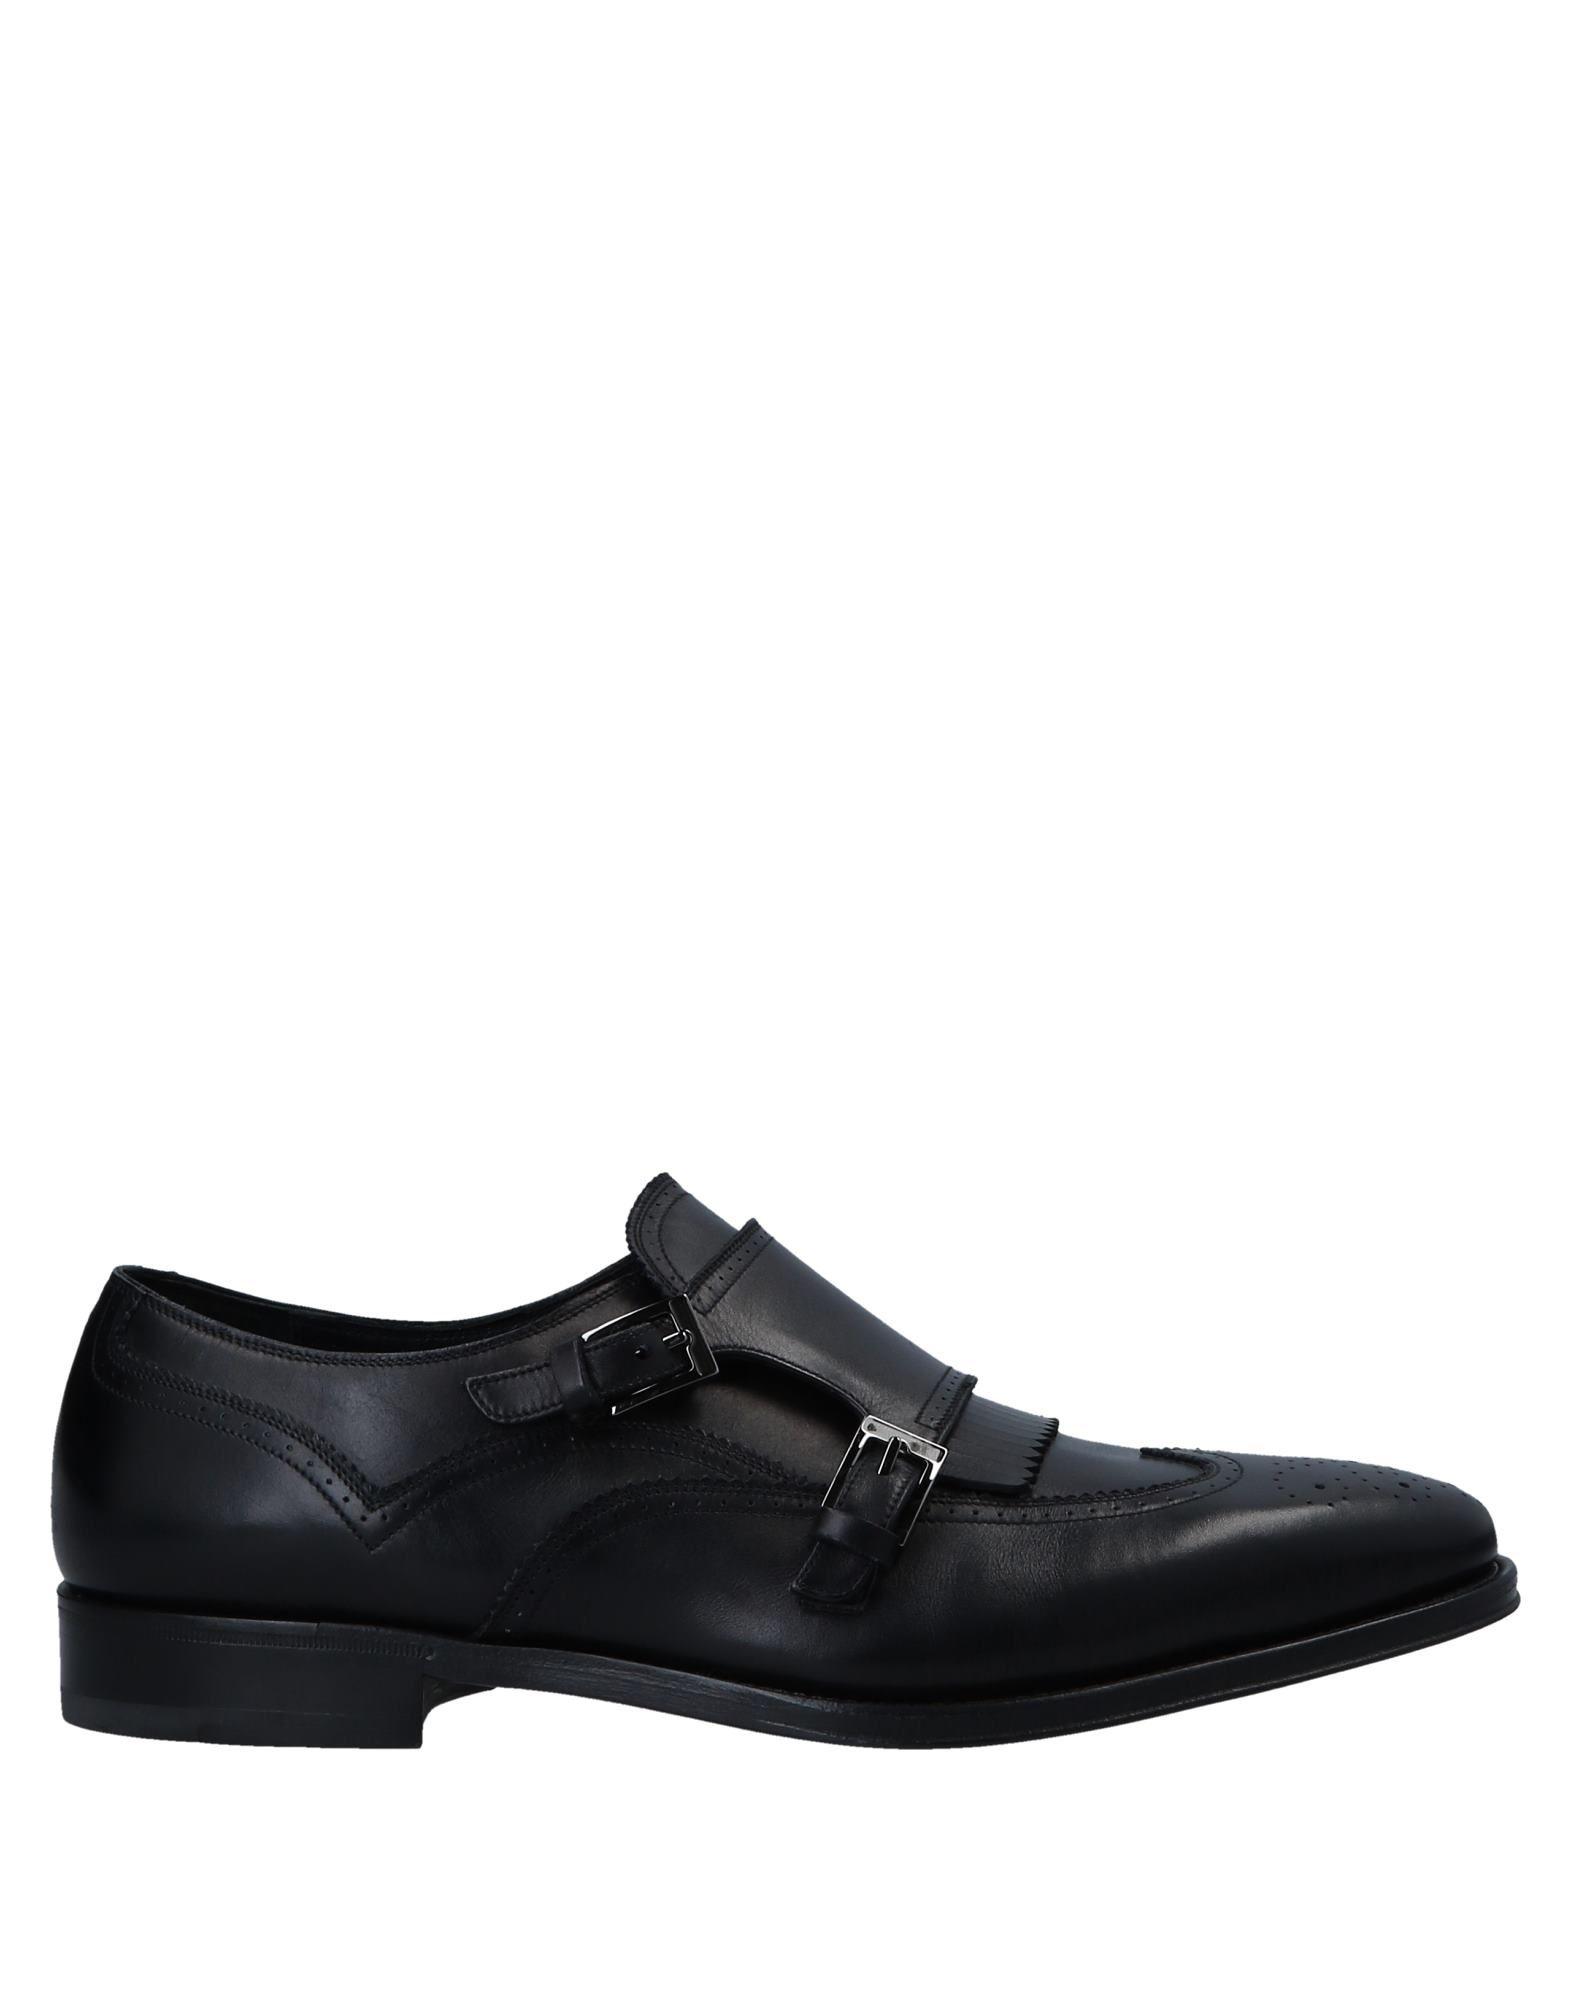 Salvatore Ferragamo Mokassins Herren  11556161QS Gute Qualität beliebte Schuhe